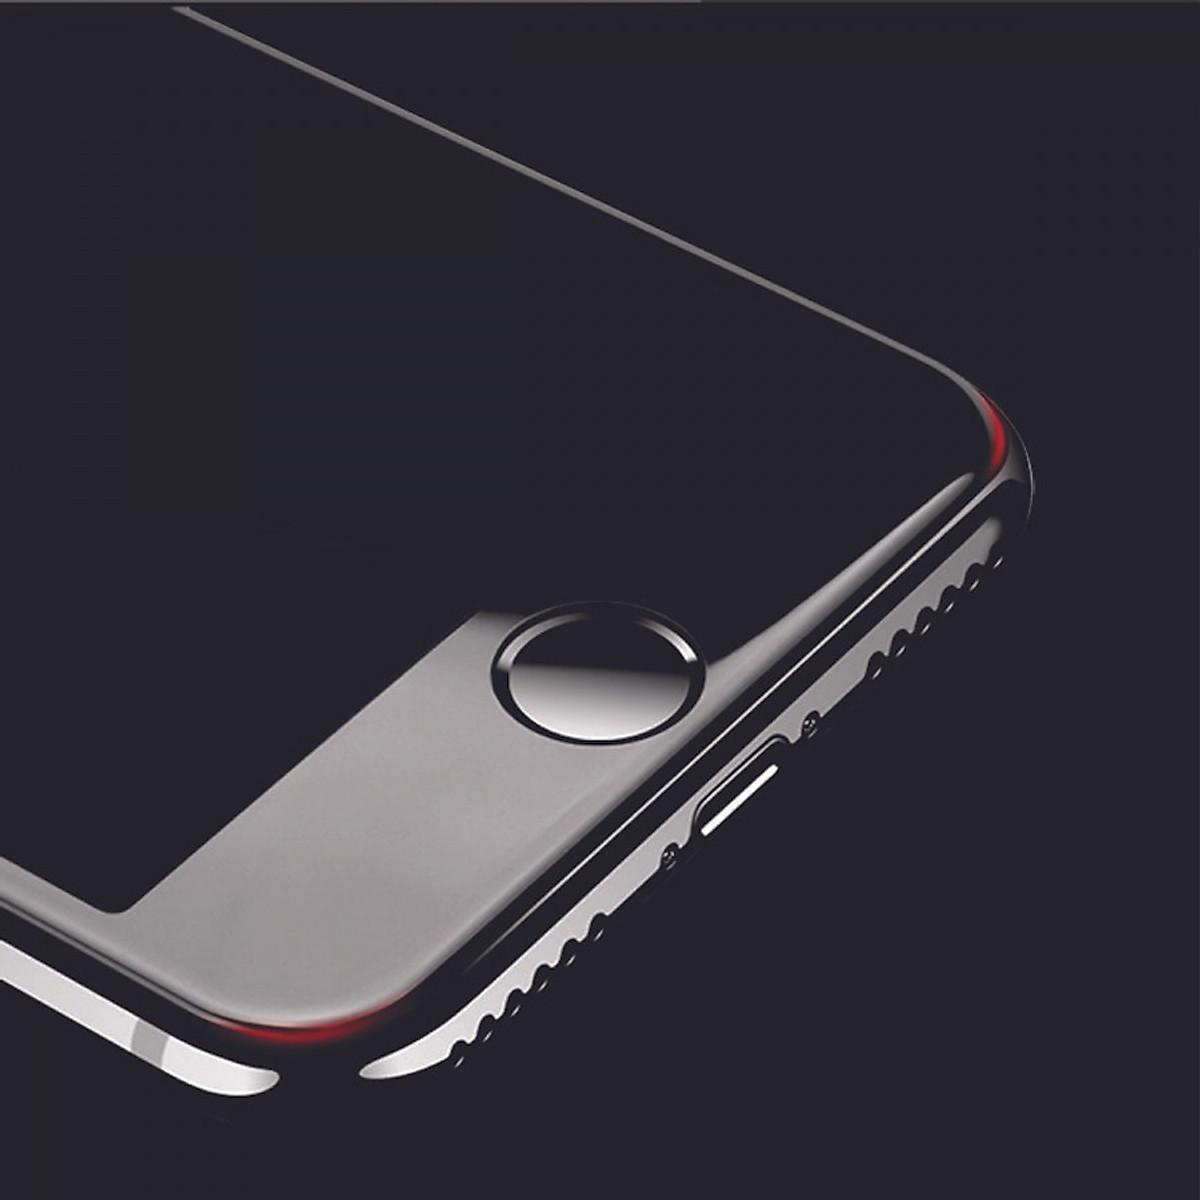 Cường lực cho iphone 8plus full màn hình,chống vân tay